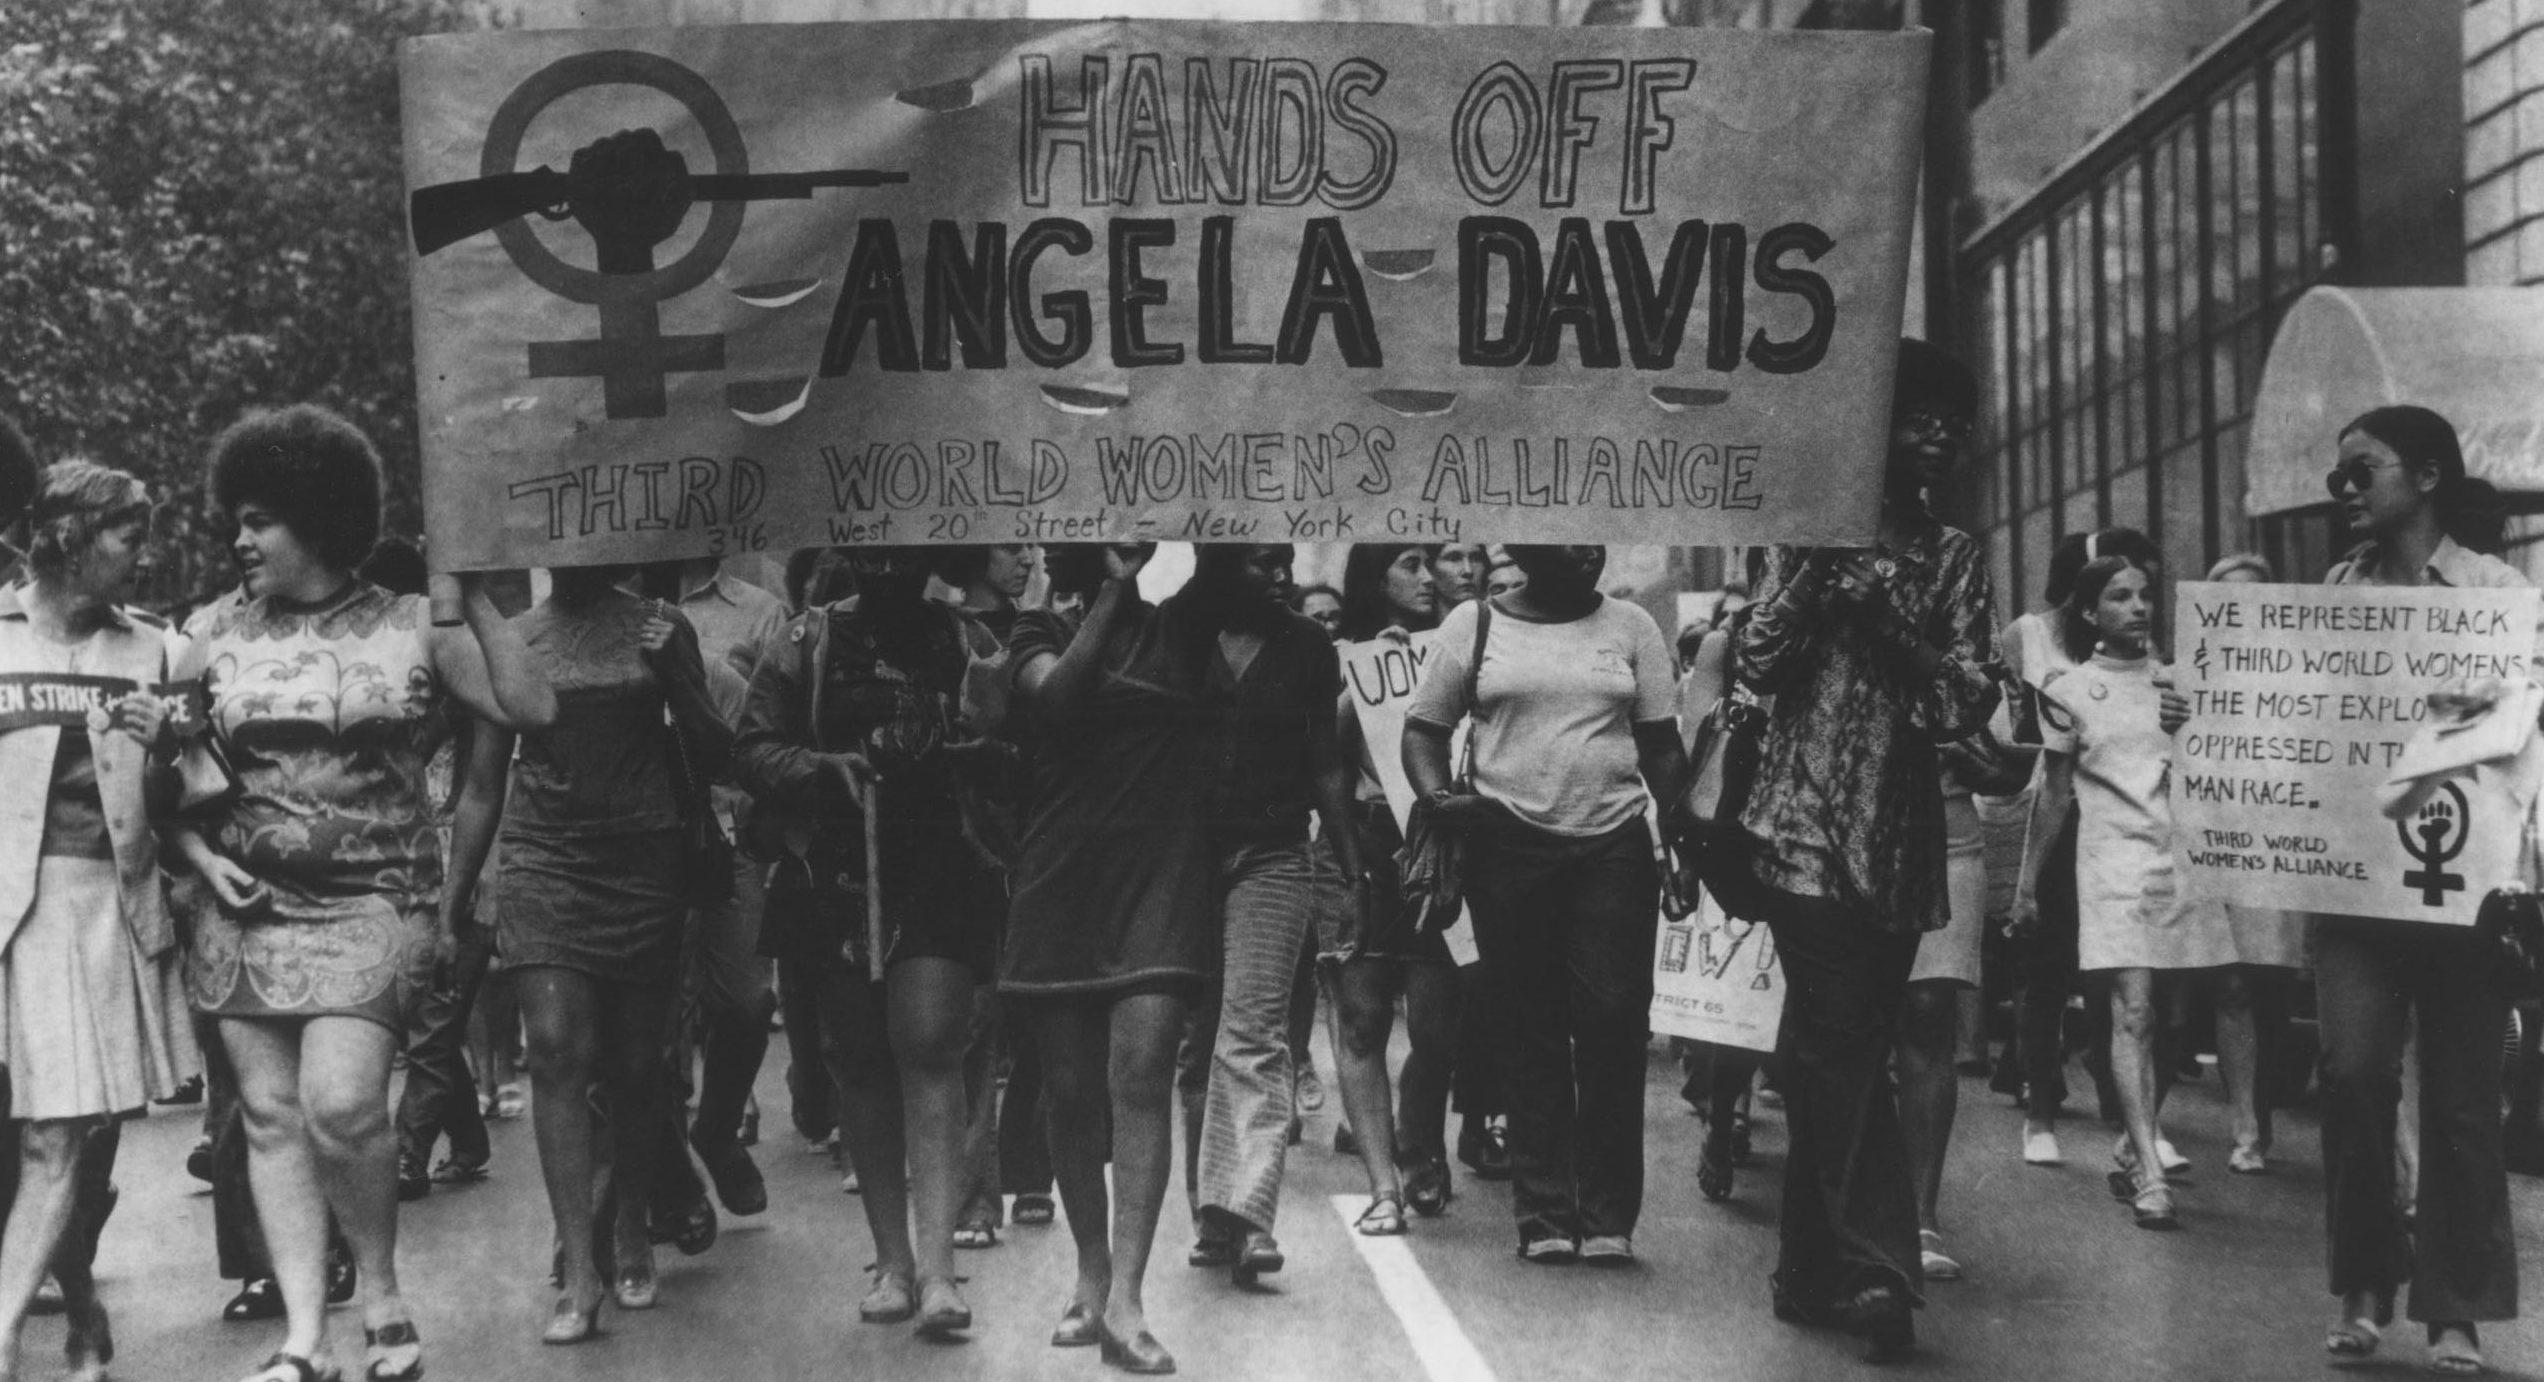 cropped-ThirdWorldWomensAlliance-nyc1972-Hands-Off-Angela-Davis-4